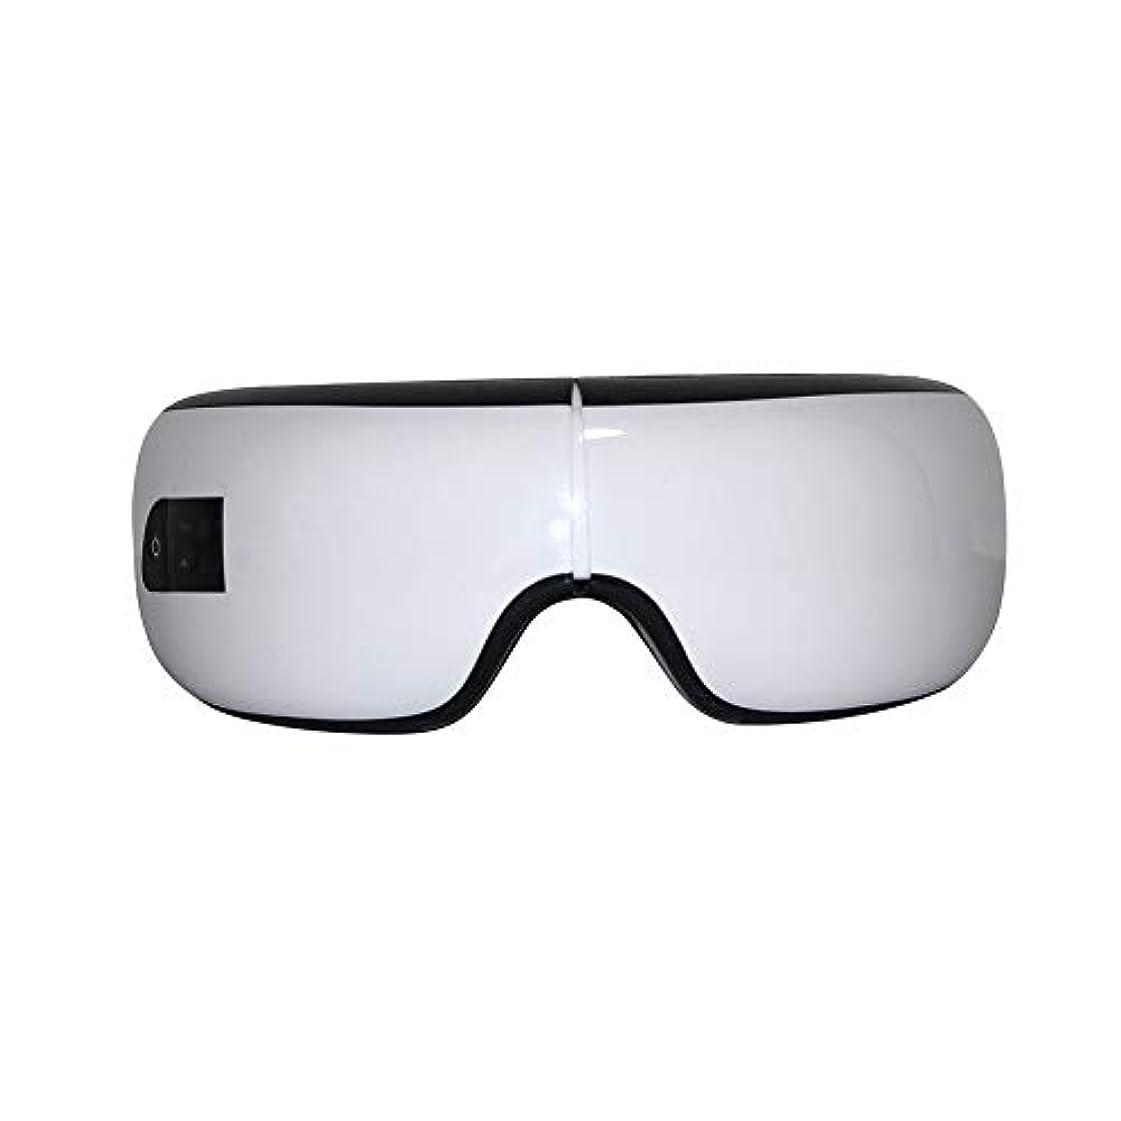 ロマンチック血まみれの温帯電気振動Bluetoothアイマッサージャーアイケアデバイスしわ疲労緩和振動マッサージホットコンプレスセラピーメガネクリスマスギフト